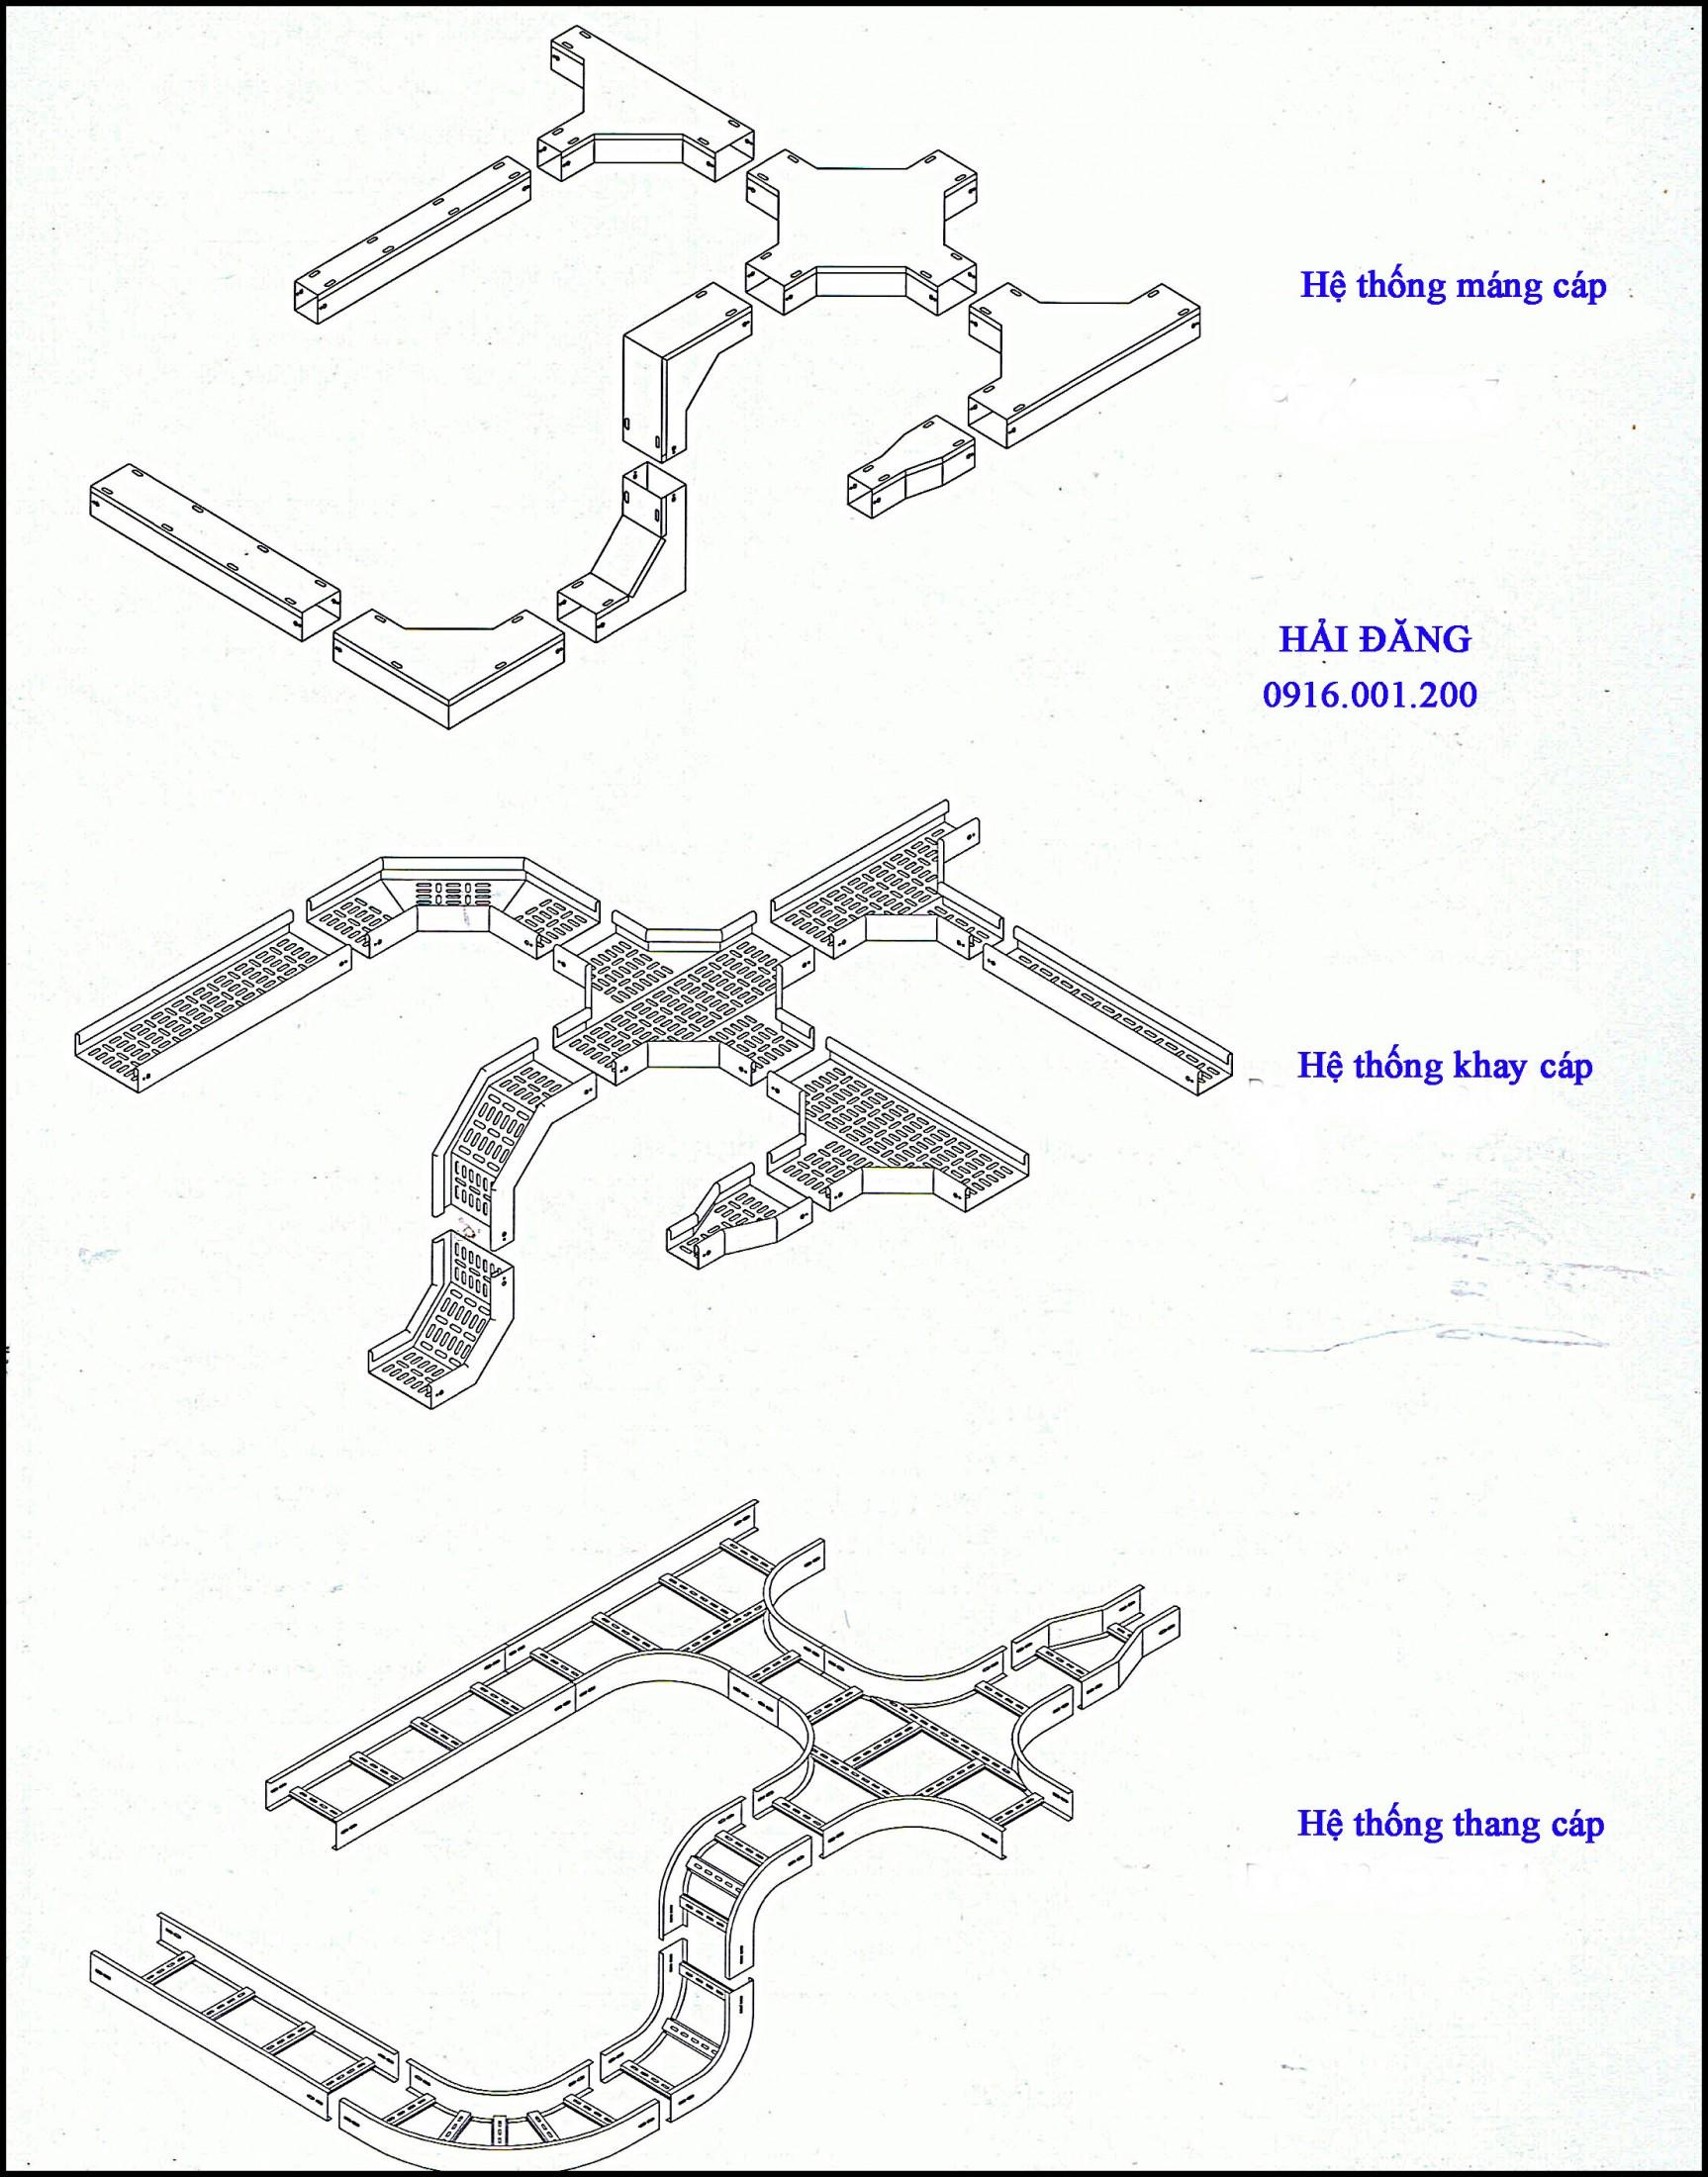 sản xuất thang máng cáp tại tp hcm